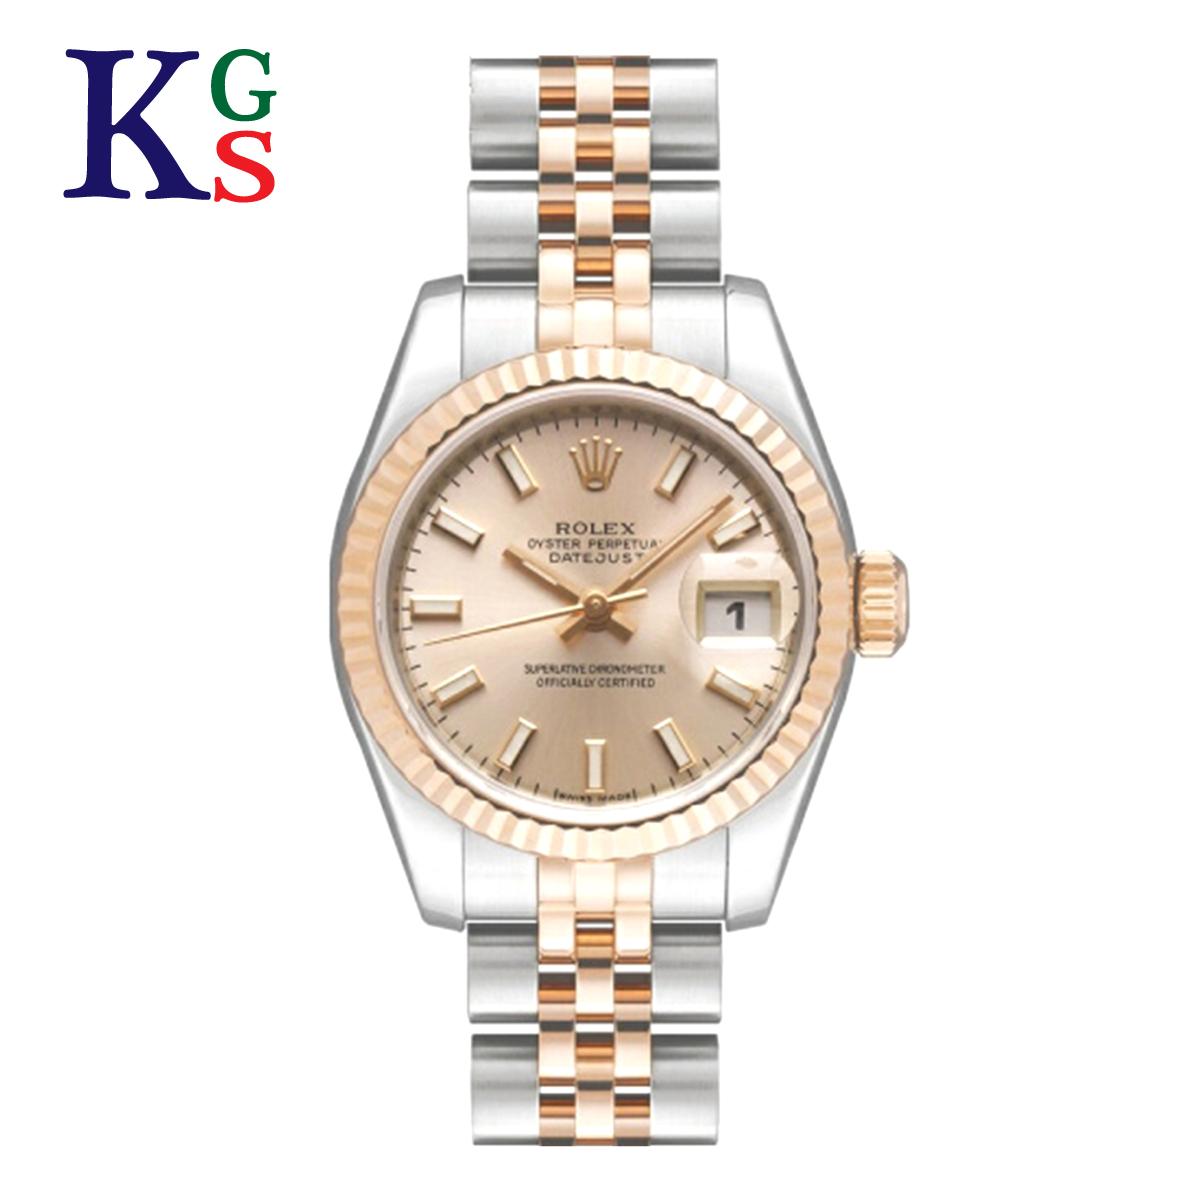 【ギフト品質】ロレックス/ROLEX レディース 腕時計 デイトジャスト ピンク文字盤 バーインデックス エバーローズゴールド K18PG×ステンレススチール 自動巻き オートマティック 179171【02】